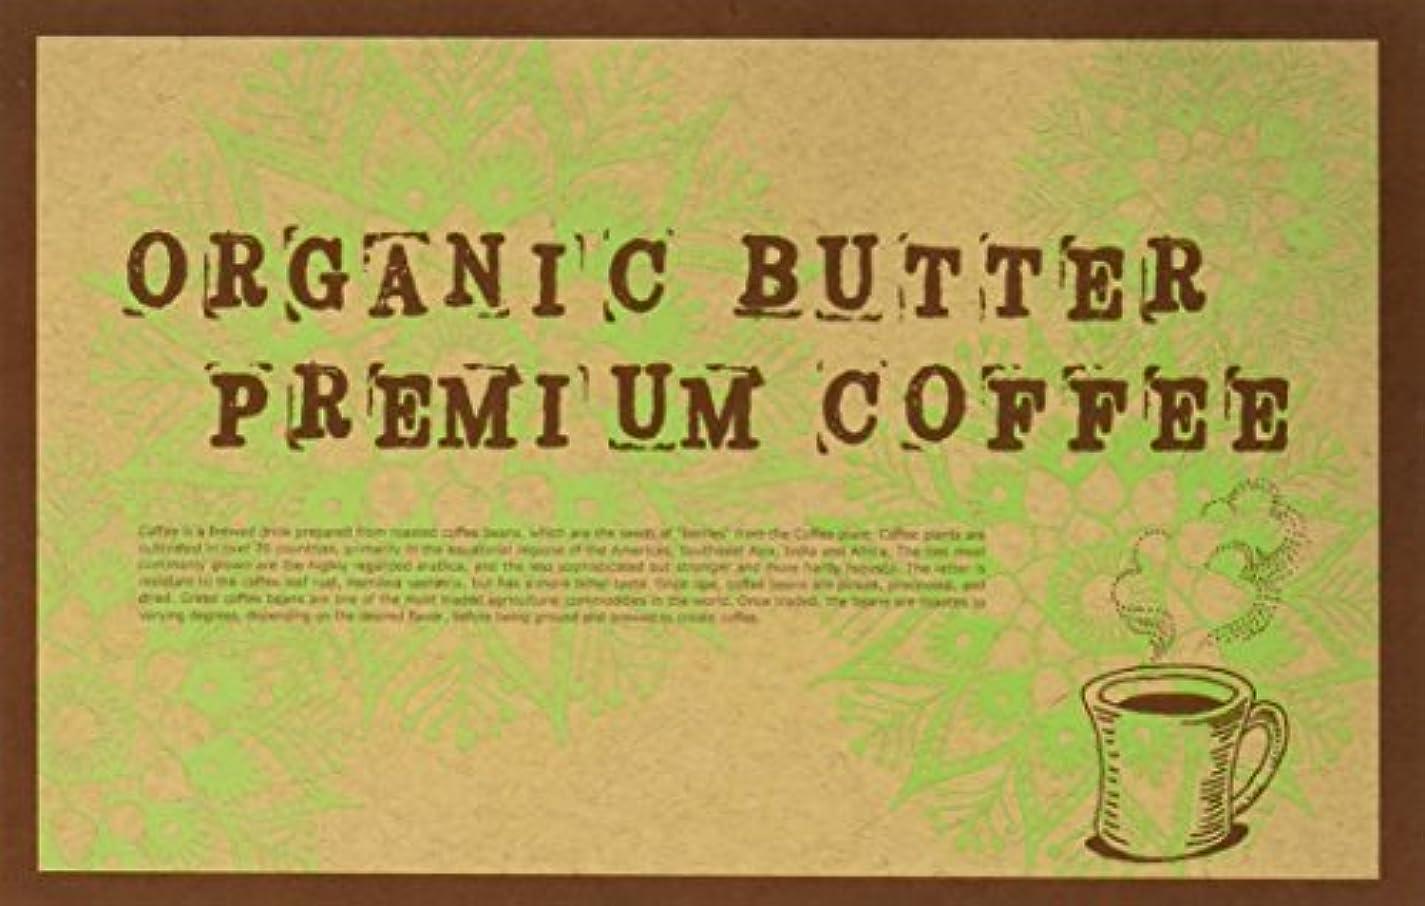 構成員虫を数える血オーガニックバタープレミアムコーヒー